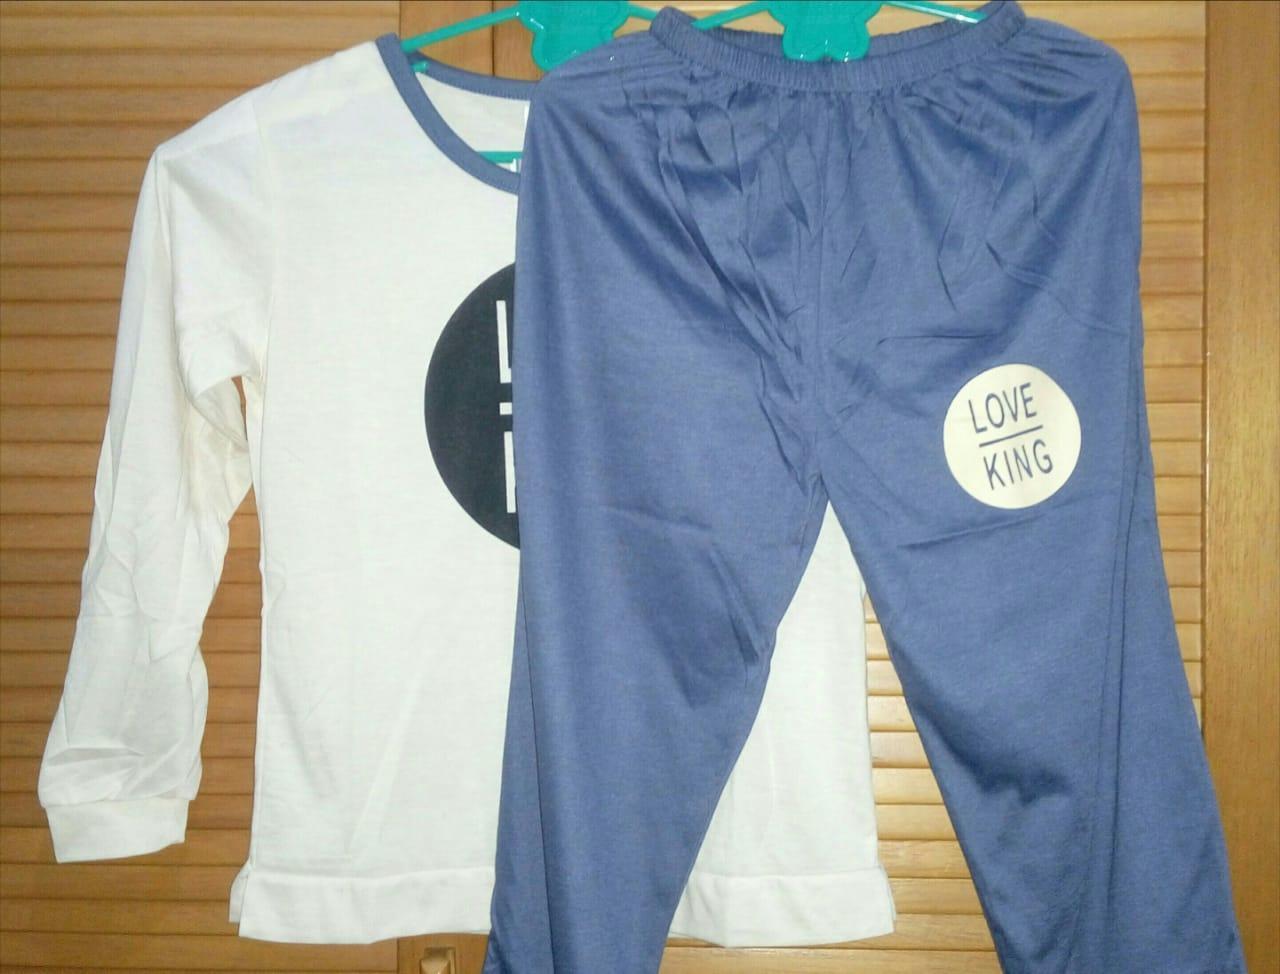 Buy Sell Cheapest King Fashion Piyama Best Quality Product Deals Gw Cowo Dino Cloth88 Baju Tidur Wanita Setelan Kaos Lengan Panjang Celana Motif Love